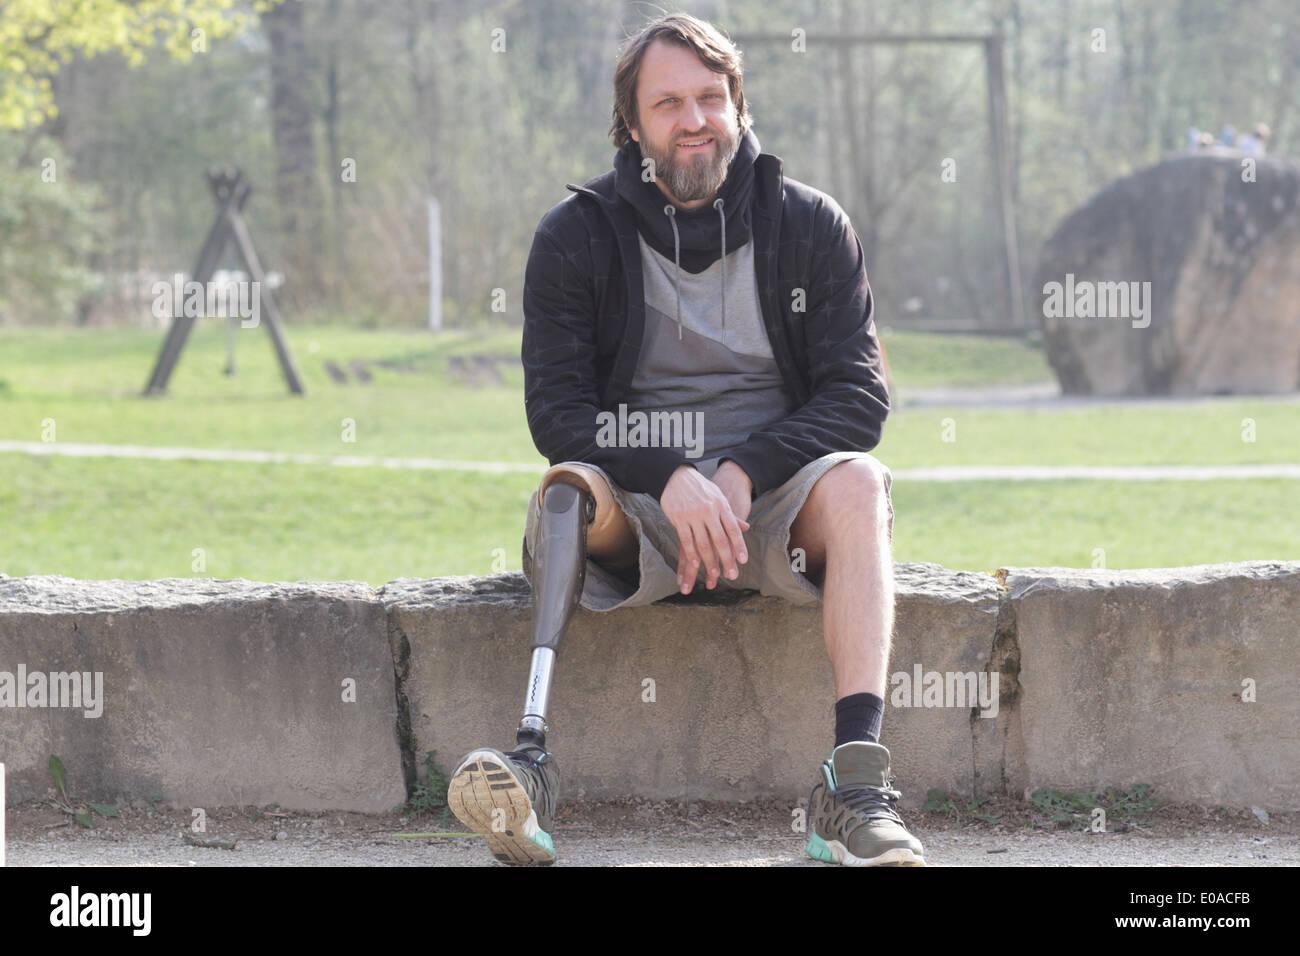 Porträt des Mannes mit Prothese Bein im park Stockbild